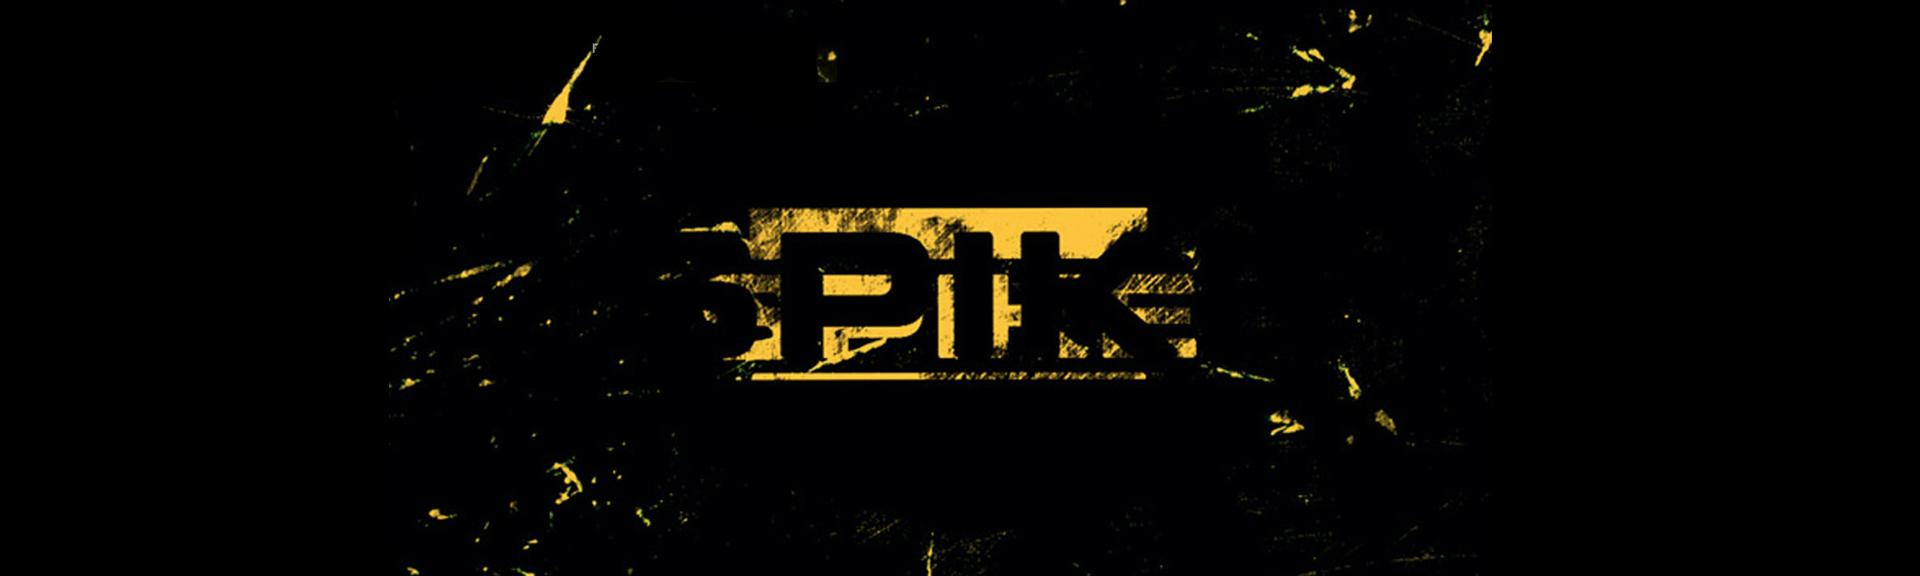 Spike channel